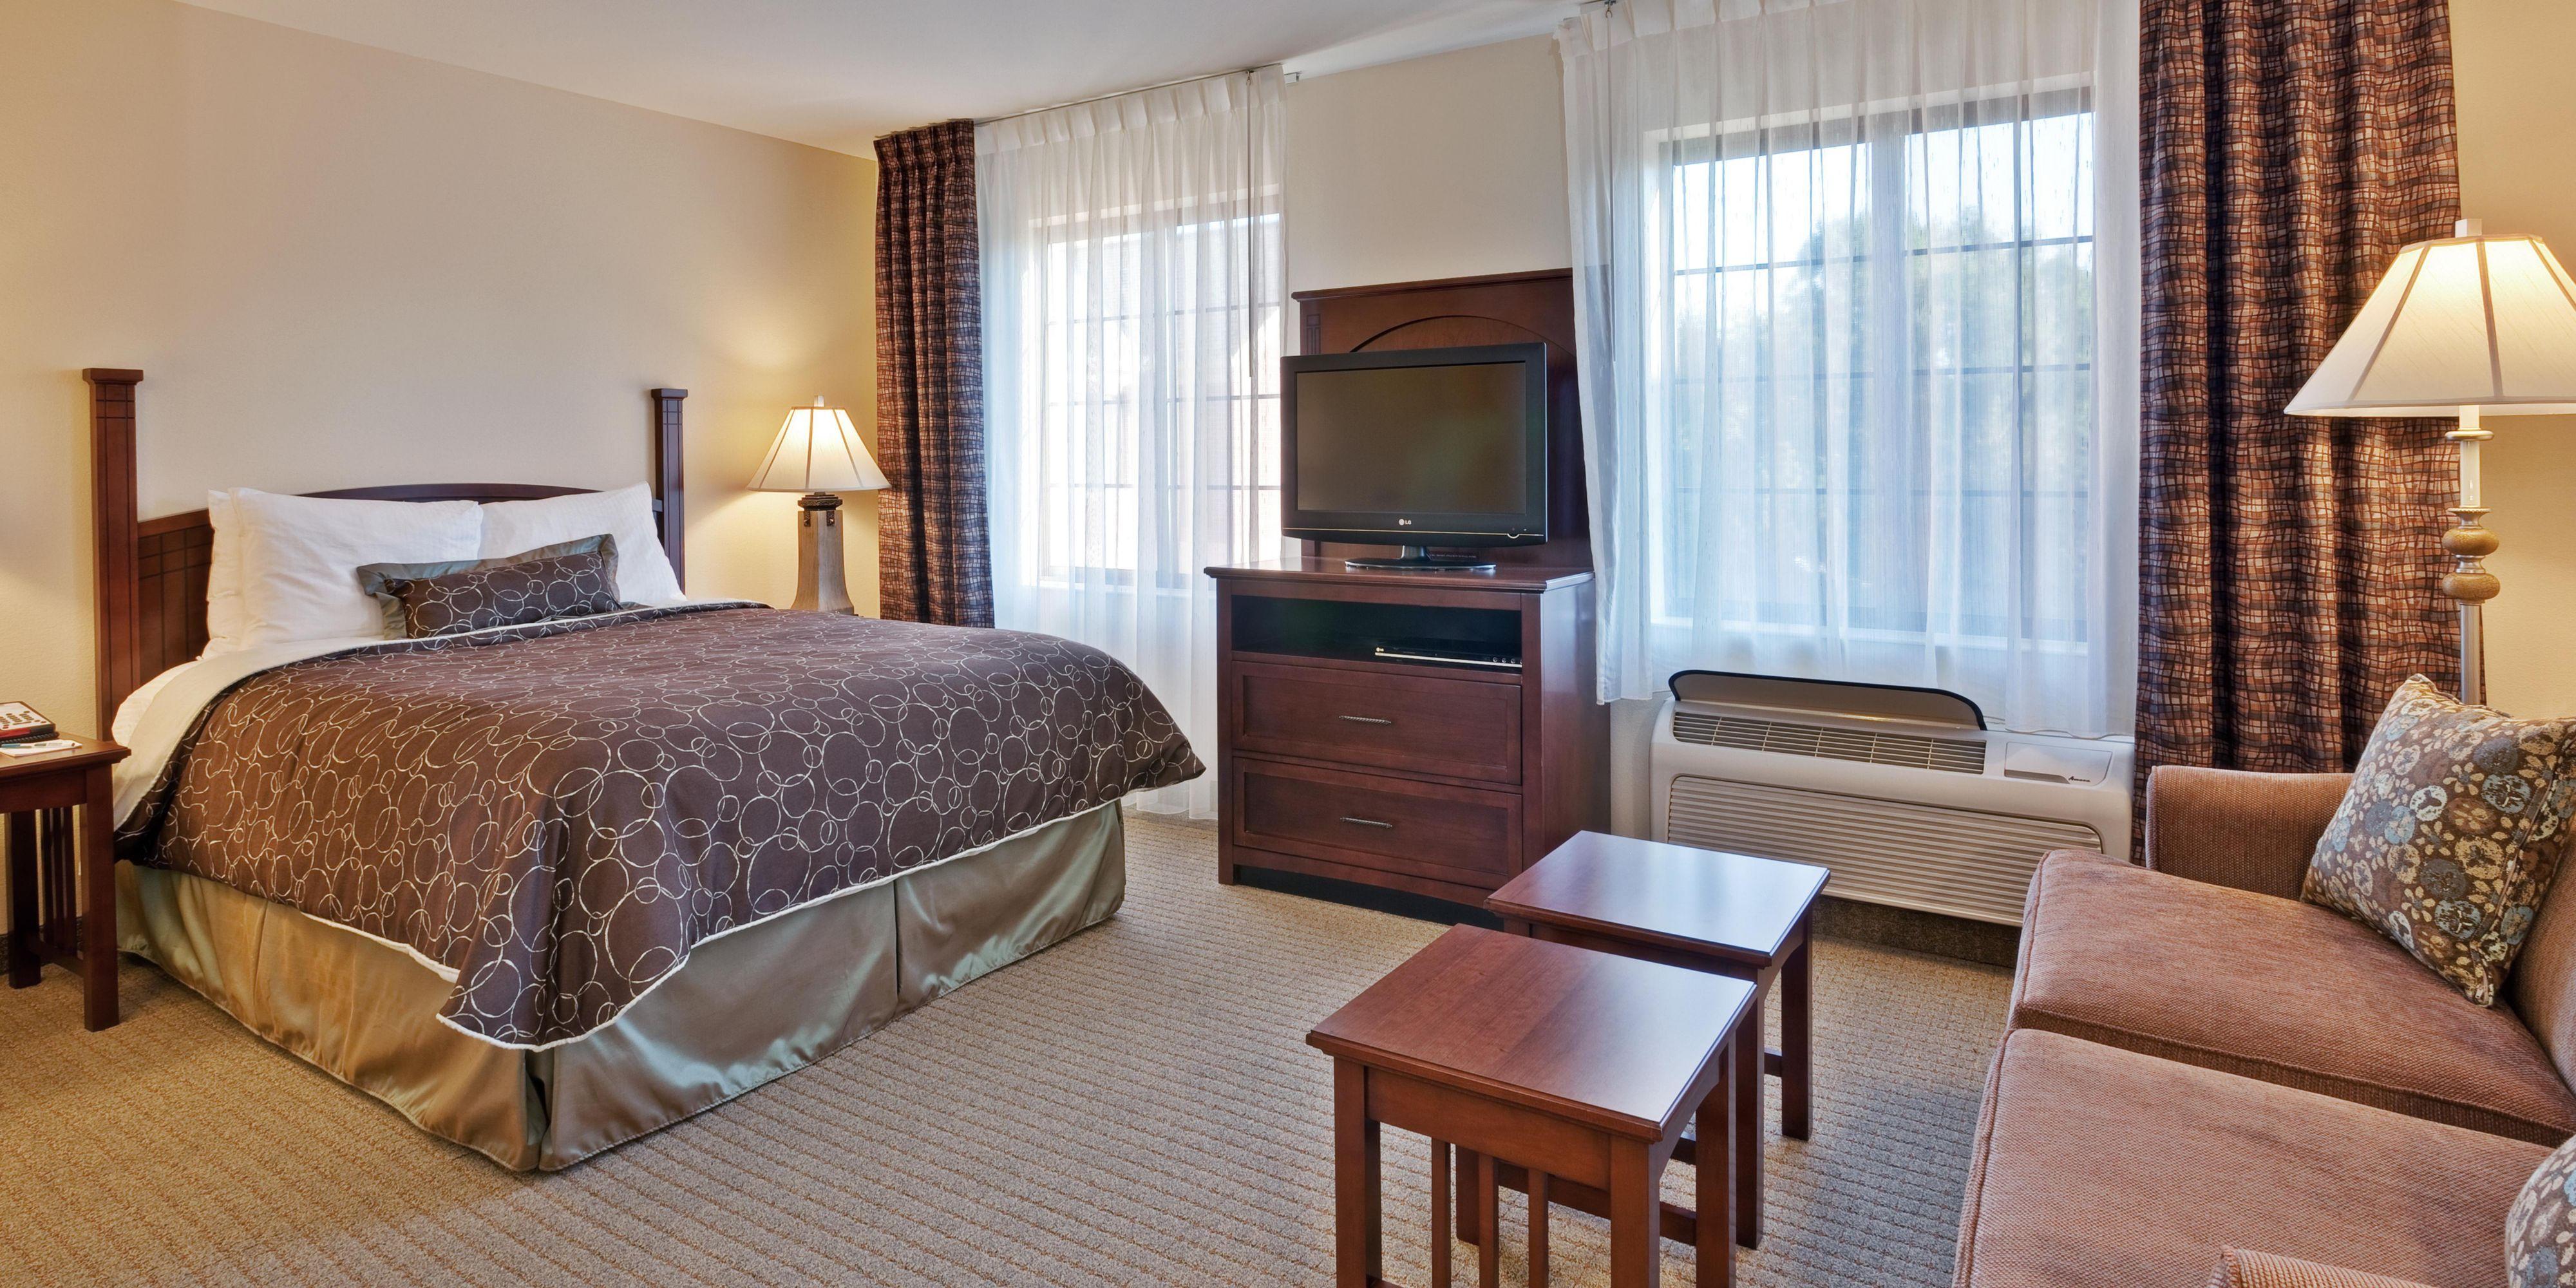 Staybridge Suites Indianapolis-Carmel image 1